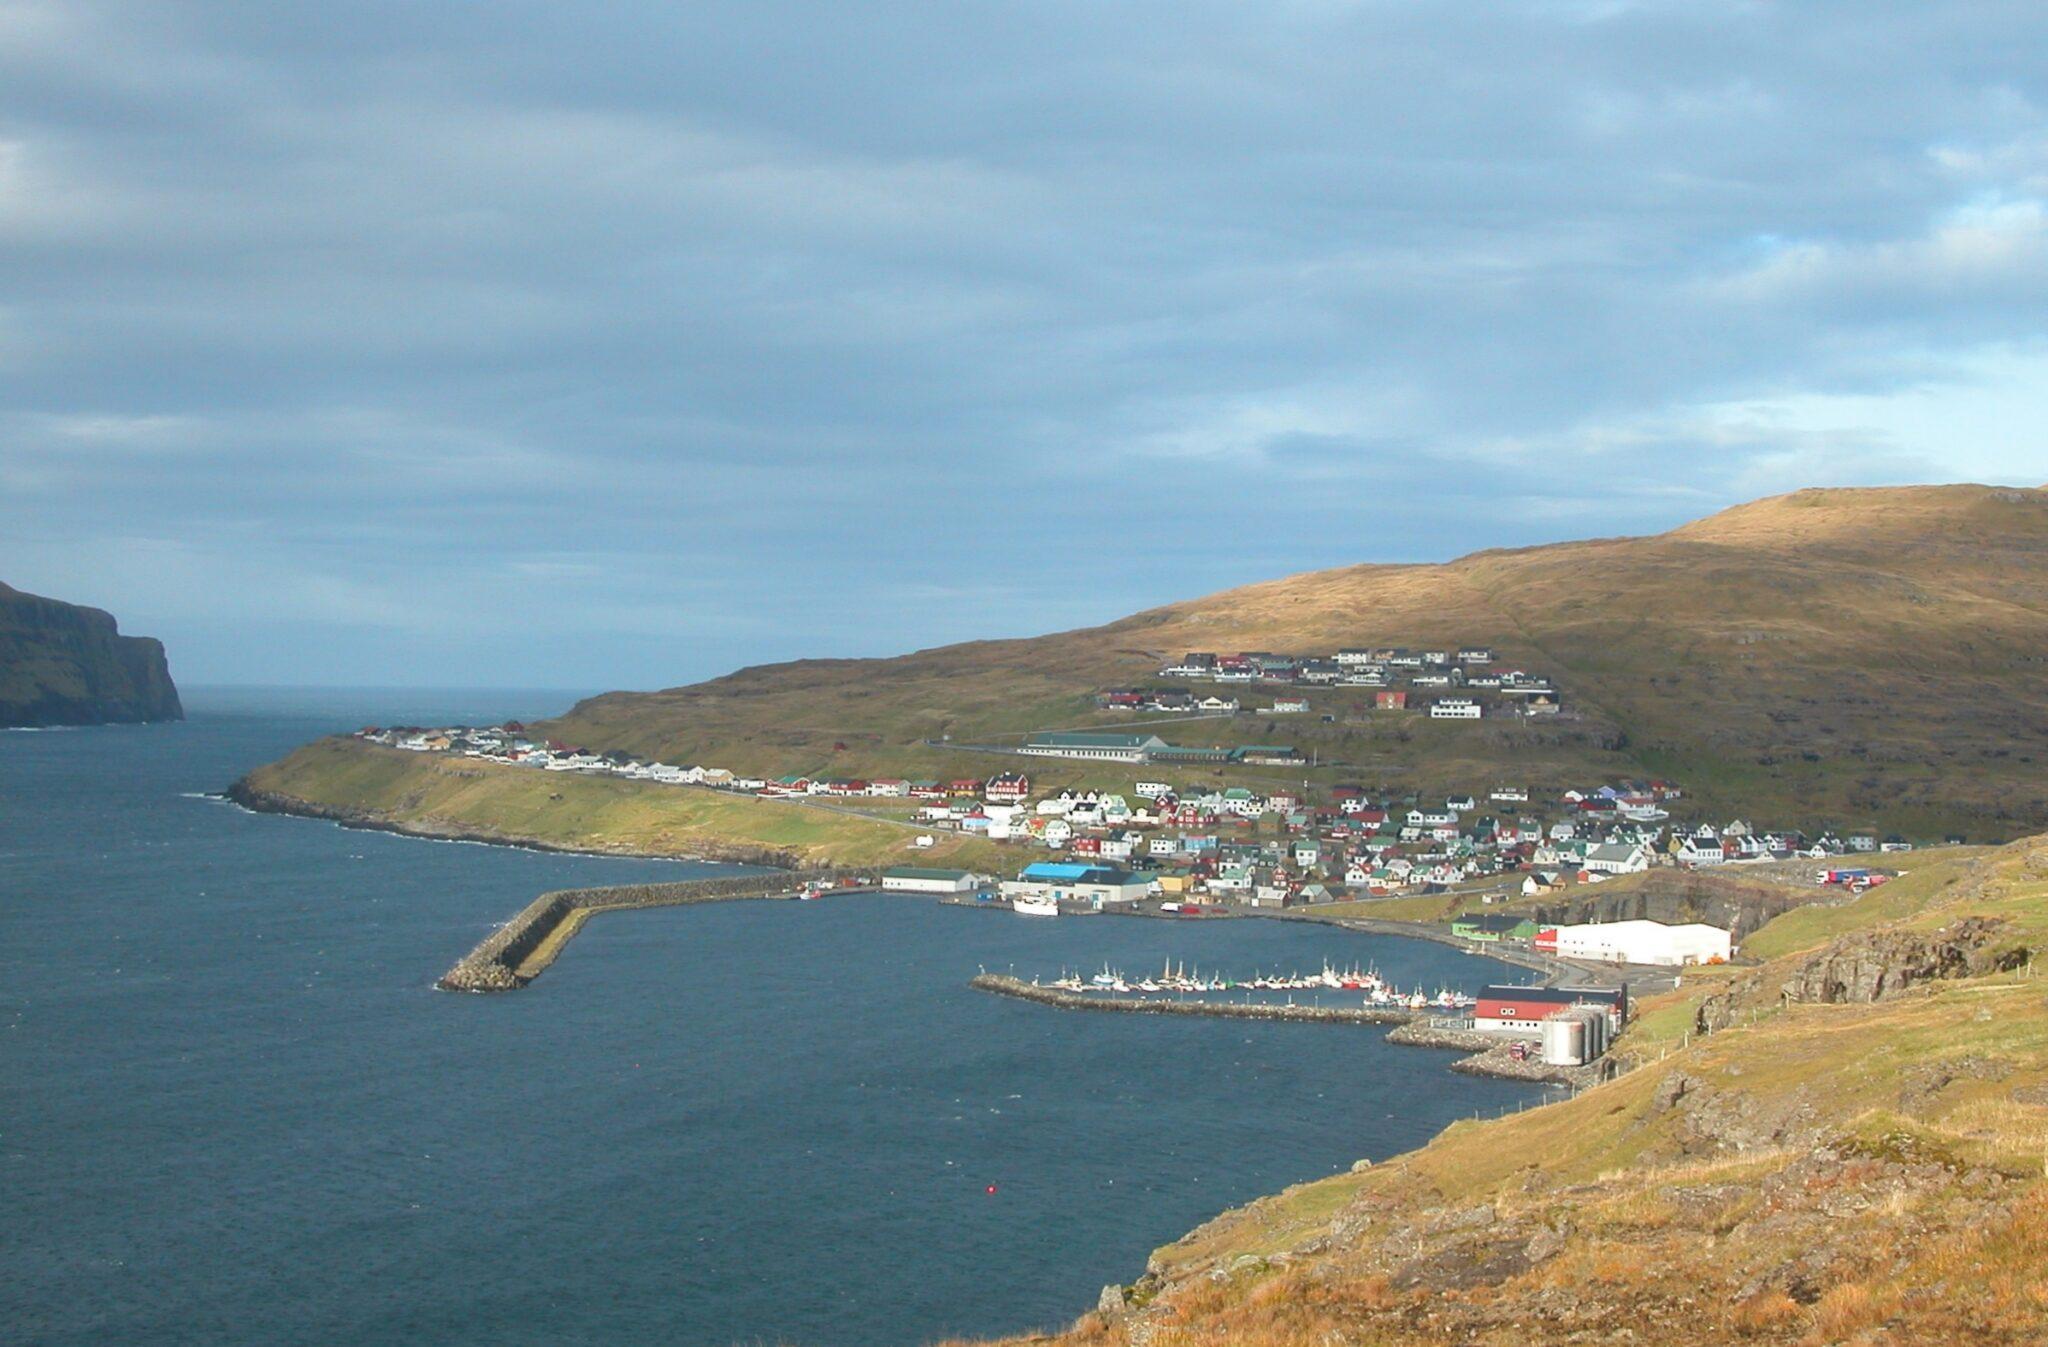 Camping in Eiði